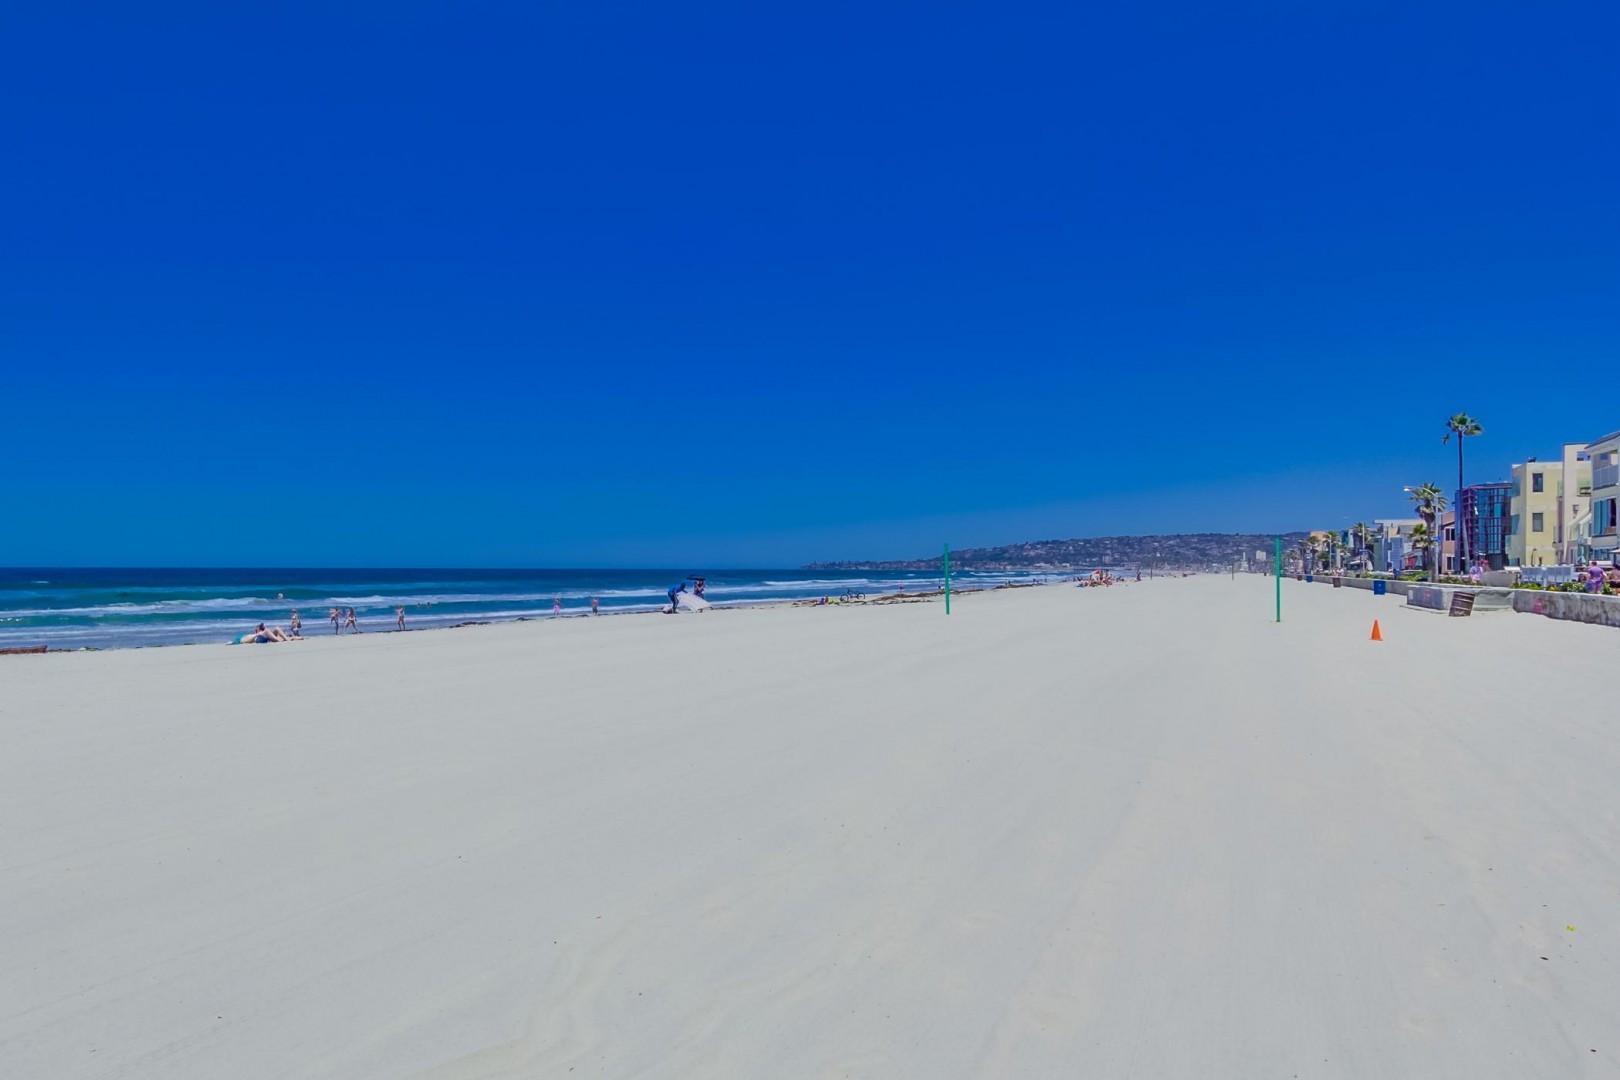 3275-ocean-front-walk-1-032_2100x1400